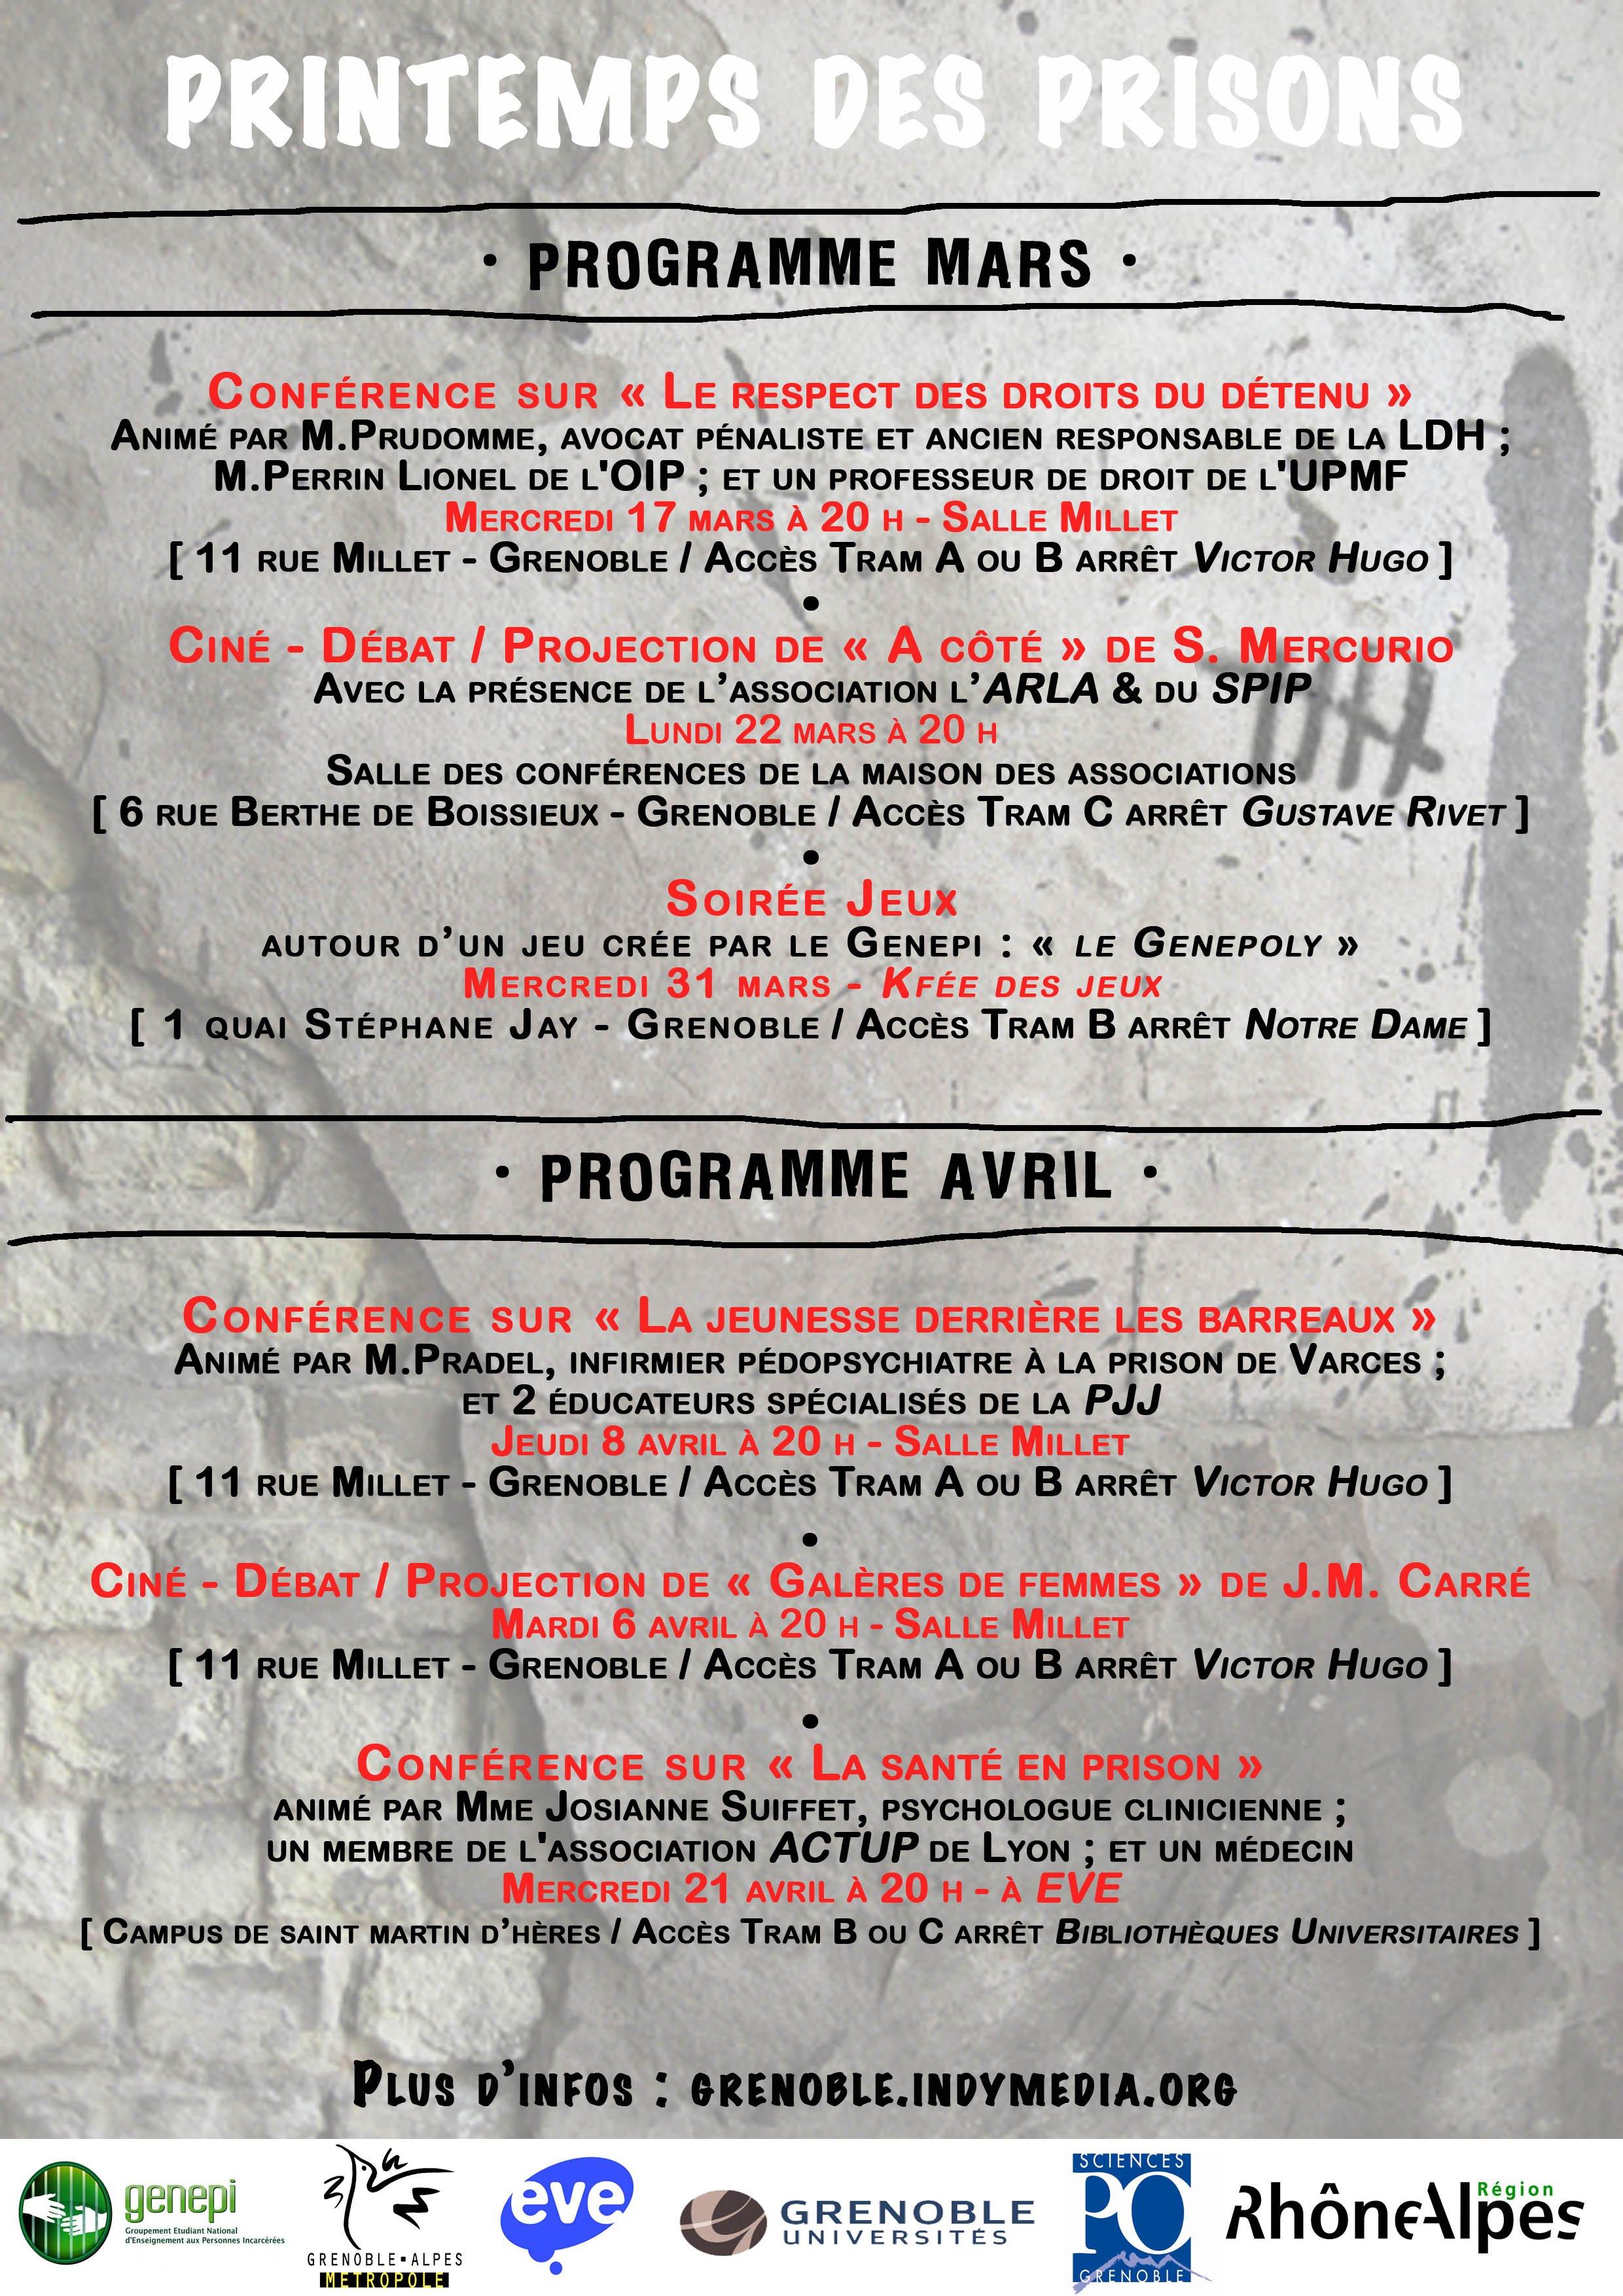 programme du Printemps des prisons à Grenoble